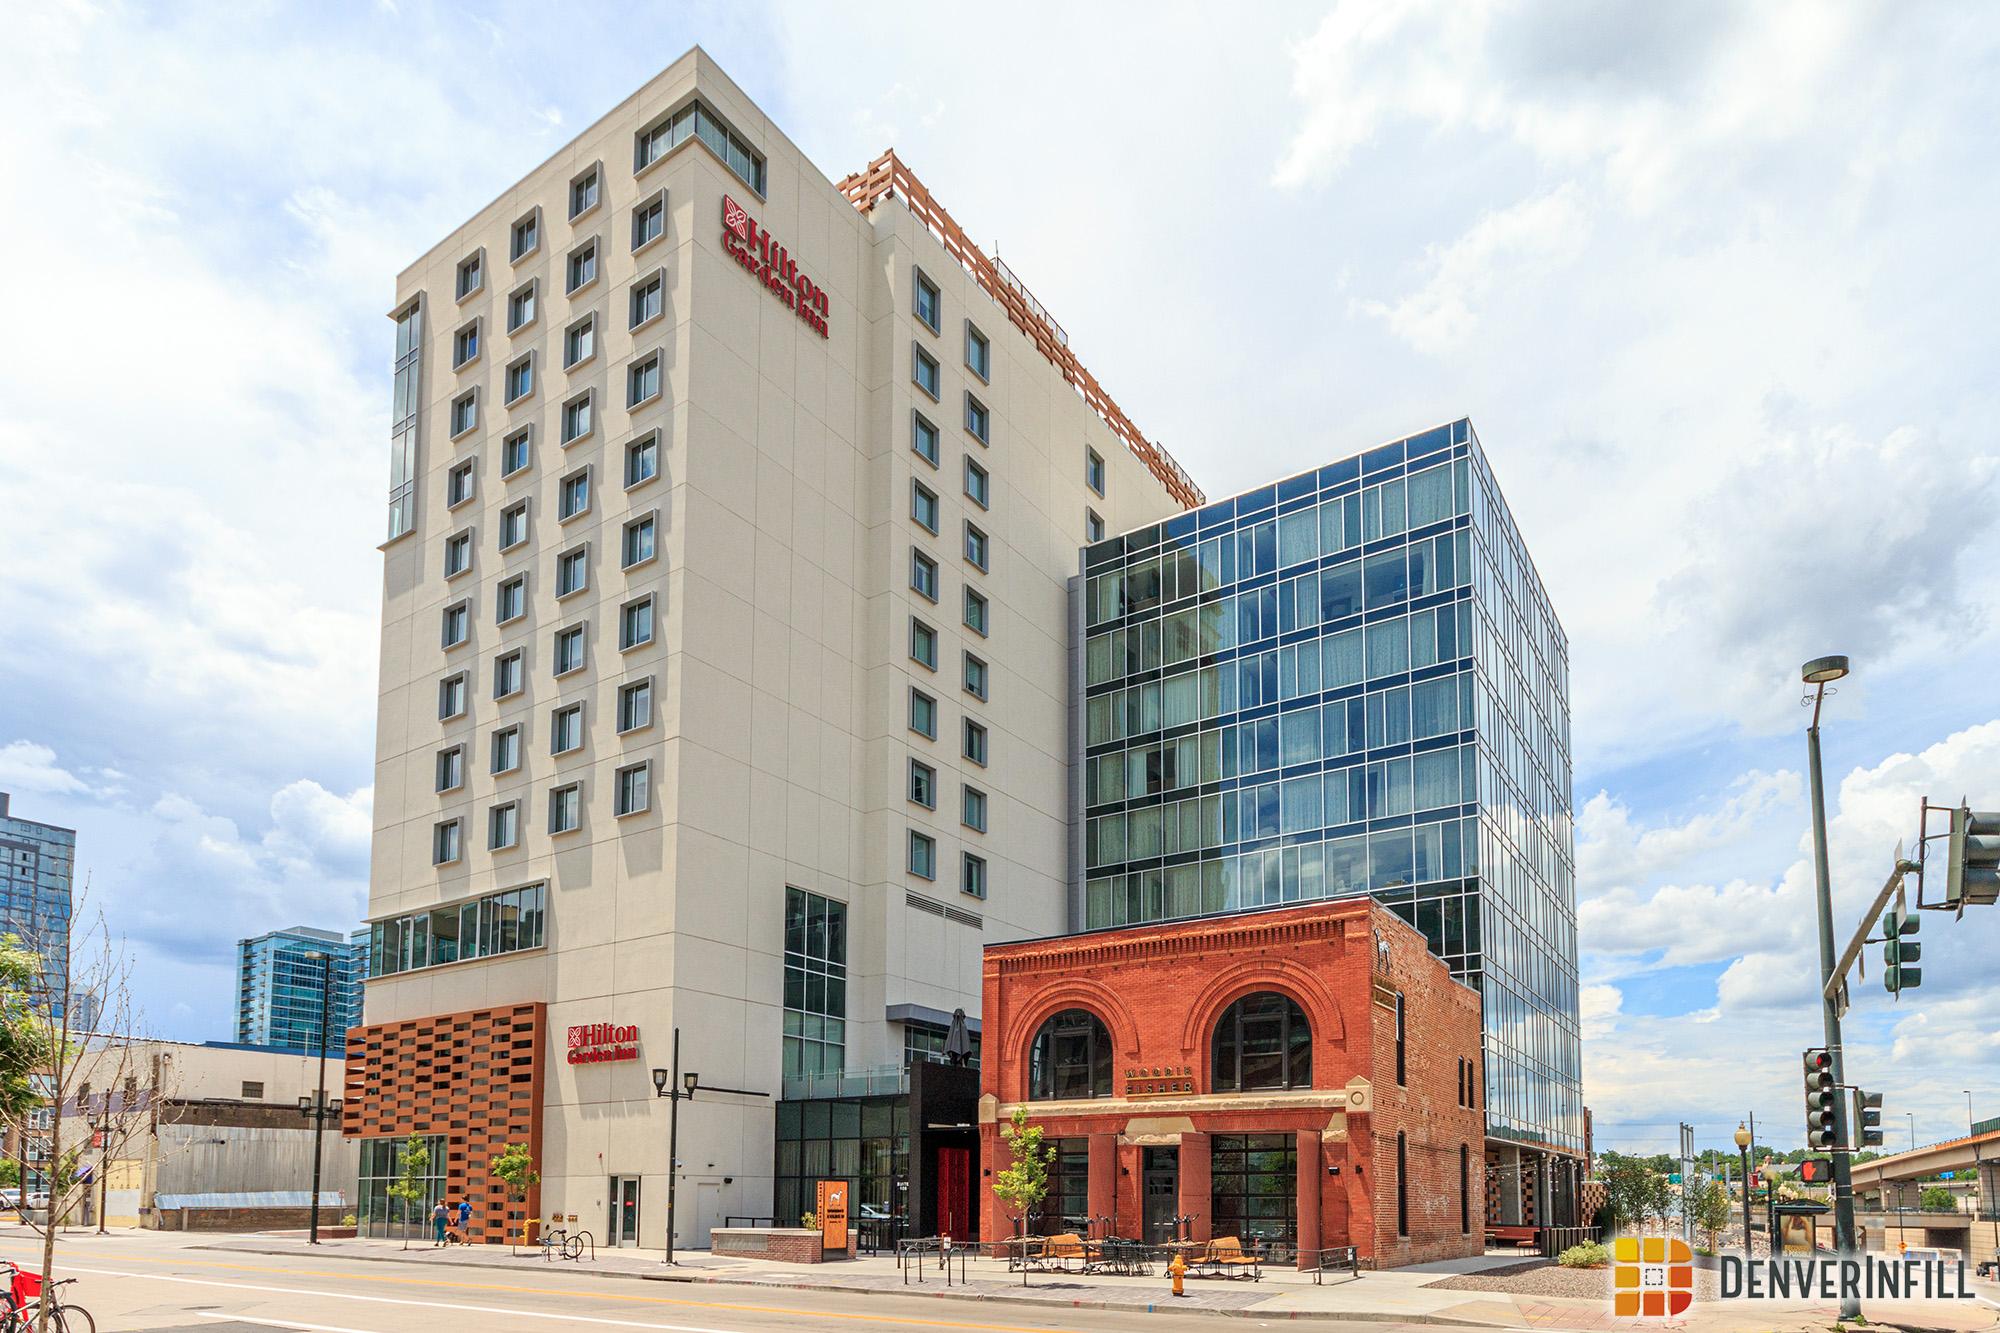 Hilton Garden Inn DUS - 20th and Chestnut